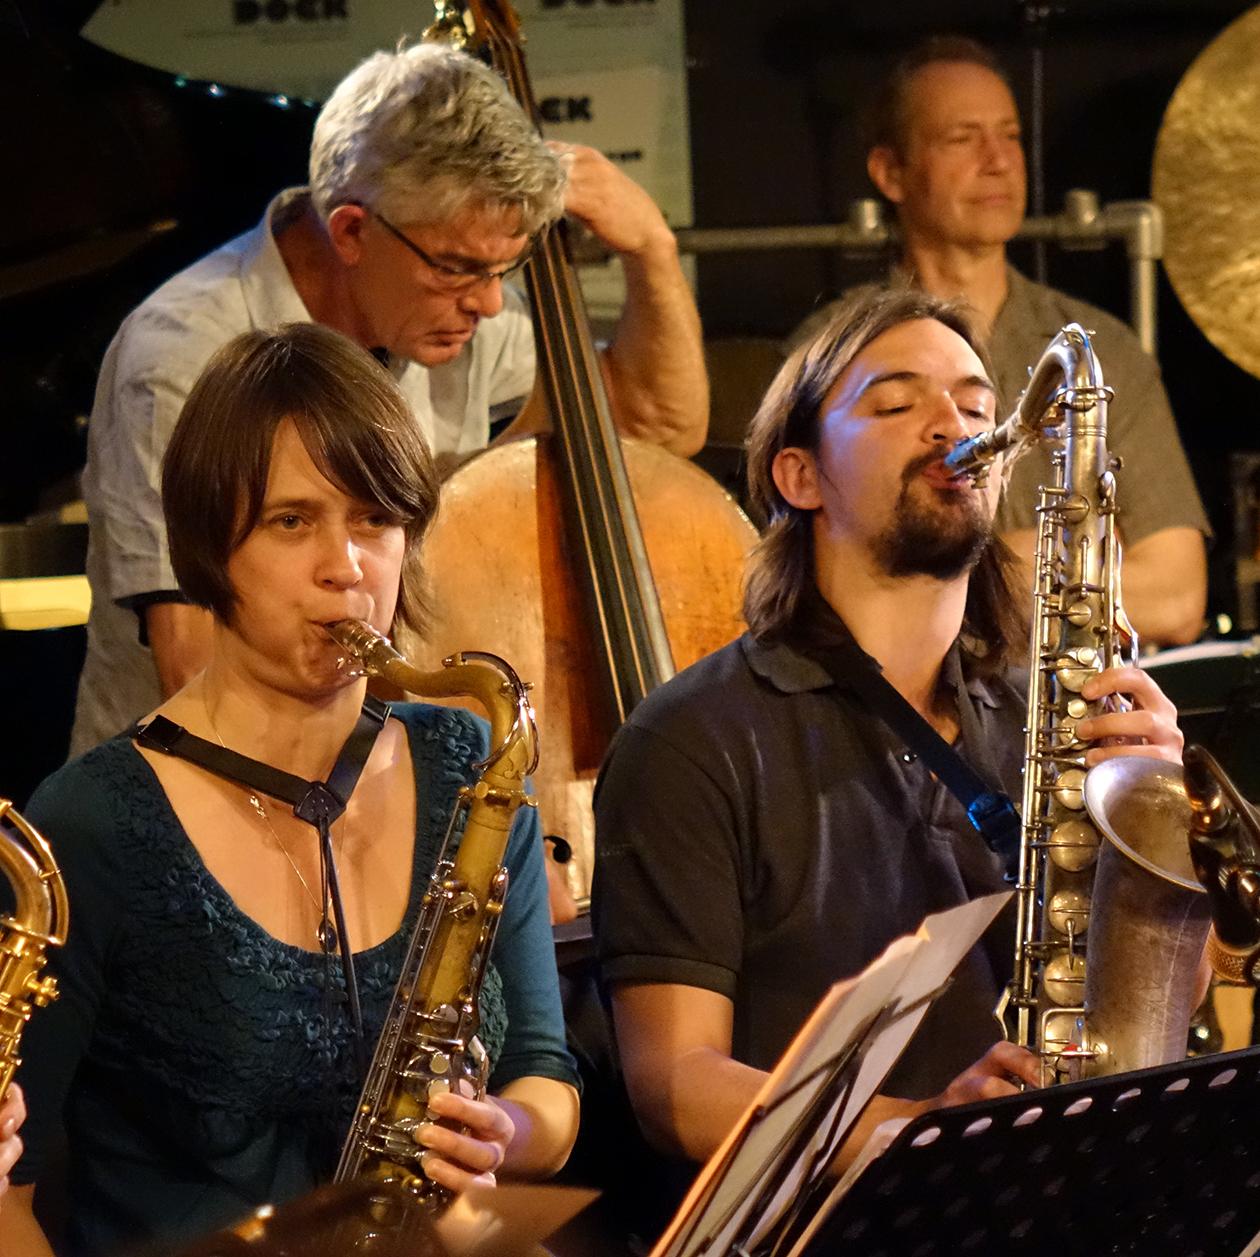 Wilbert de Joode, Michael Vatcher, Ingrid Laubrock, John Dikeman at Doek Festival 2015